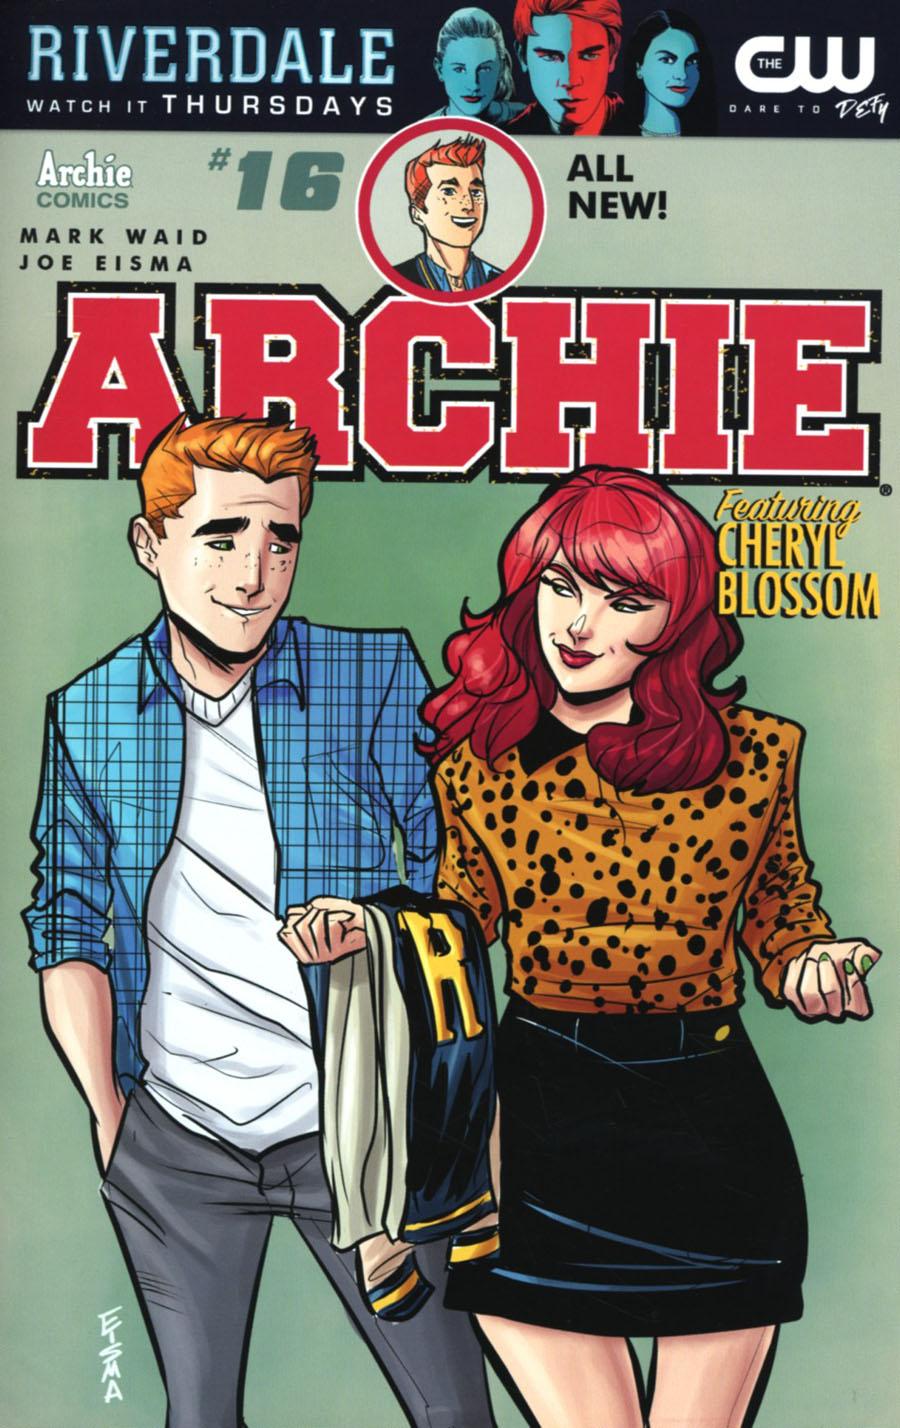 Archie Vol 2 #16 Cover A Regular Joe Eisma Cover